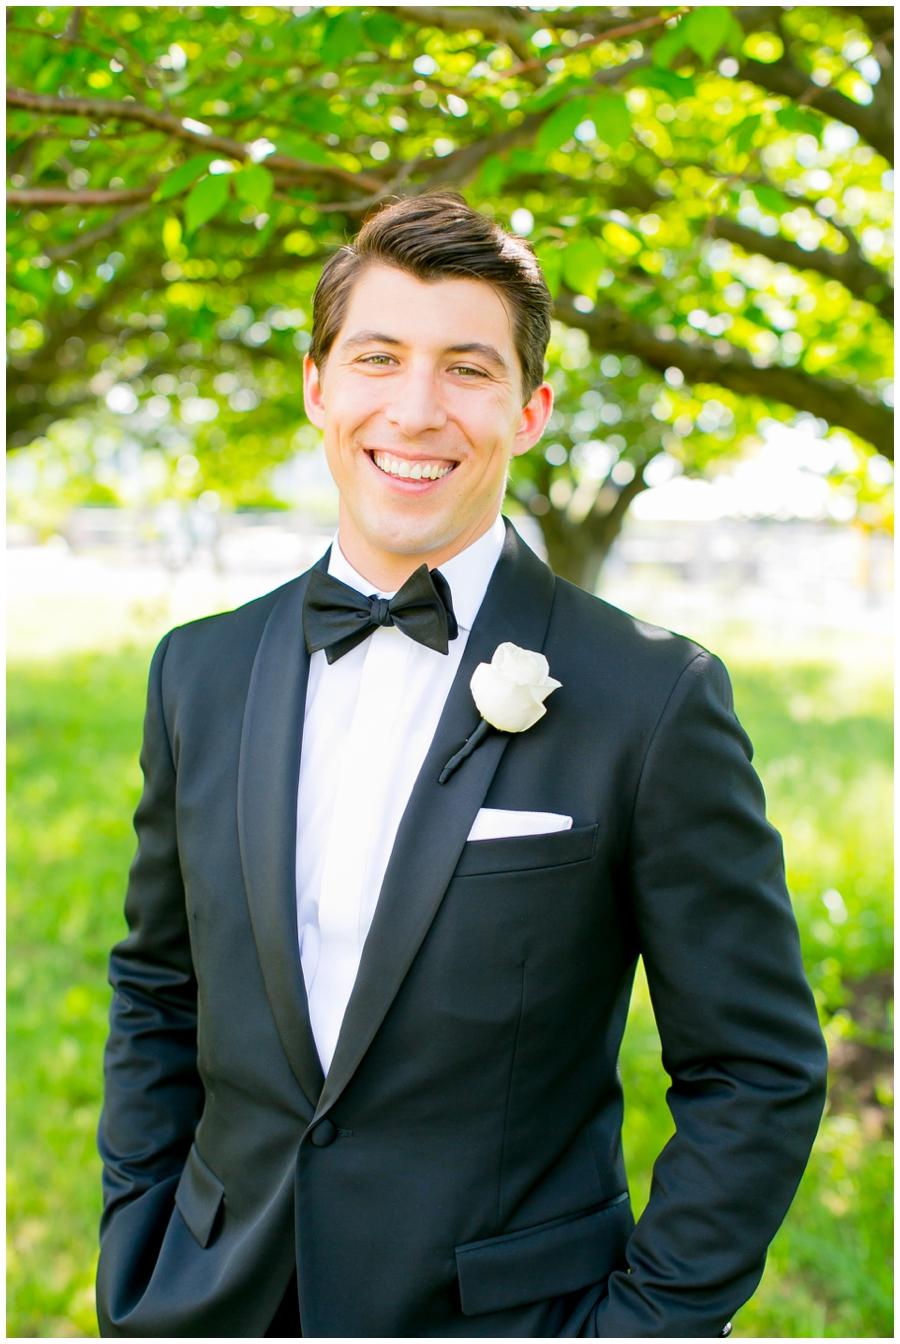 Ariane Moshayedi Photography - Wedding Photographer Orange County Newport Beach_0236.jpg